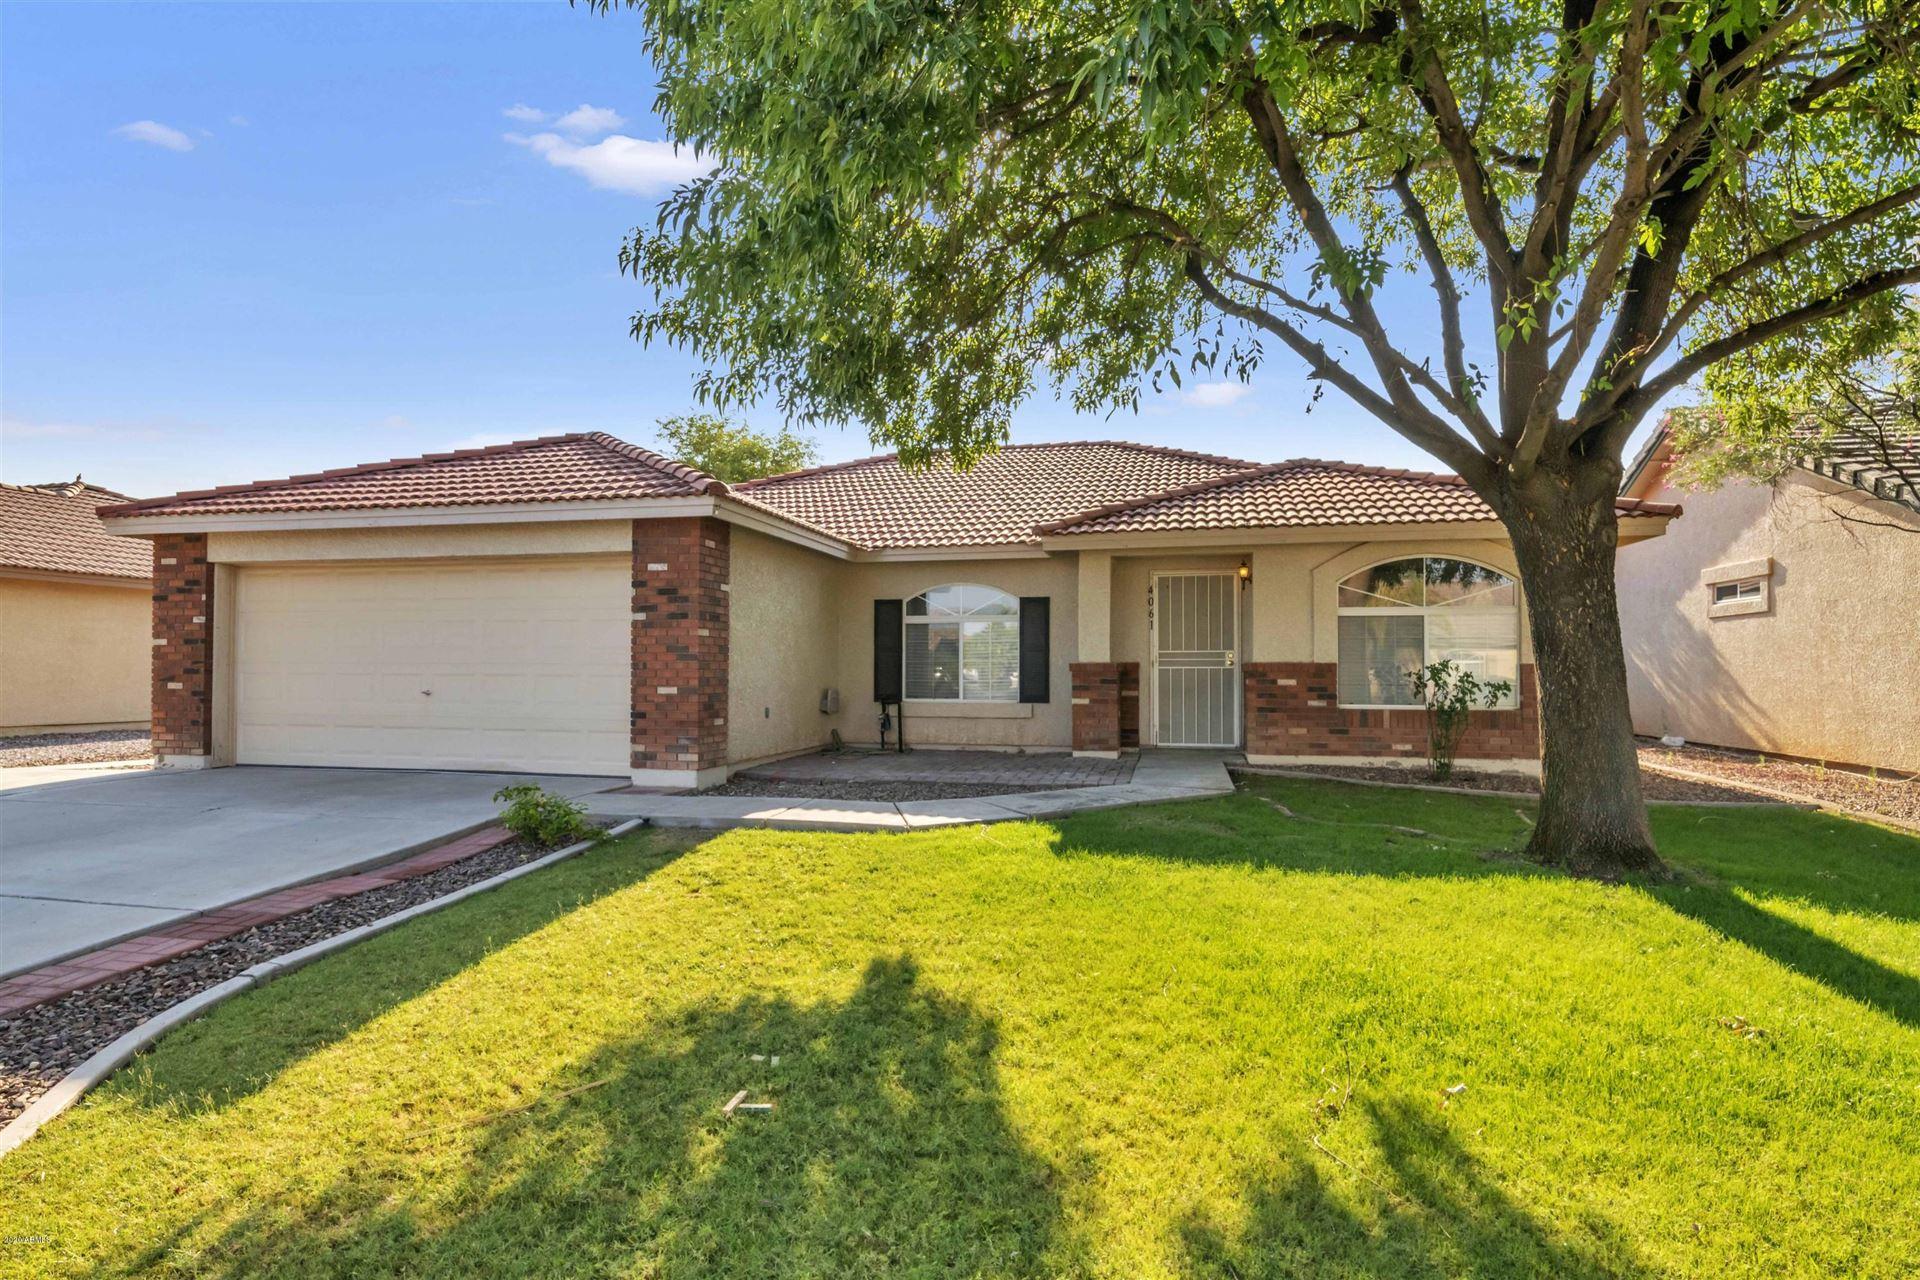 4061 S KIRBY Street, Gilbert, AZ 85297 - #: 6094790